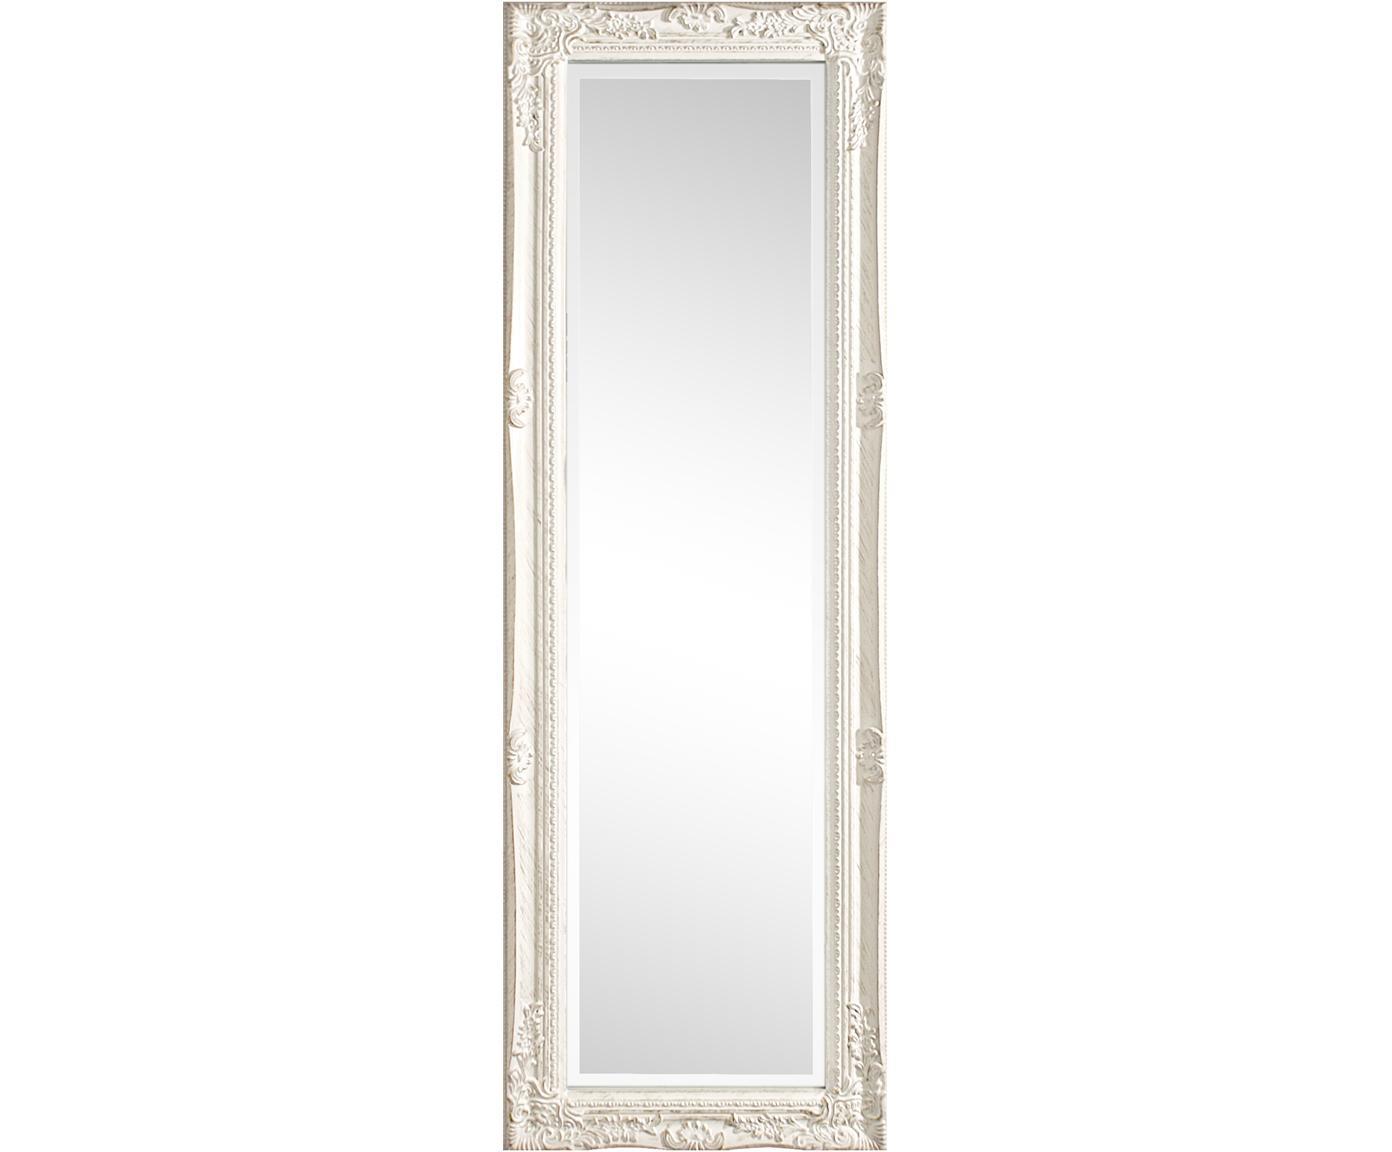 Specchio da parete Miro, Cornice: legno rivestito, Superficie dello specchio: lastra di vetro, Bianco, Larg. 42 x Alt. 132 cm